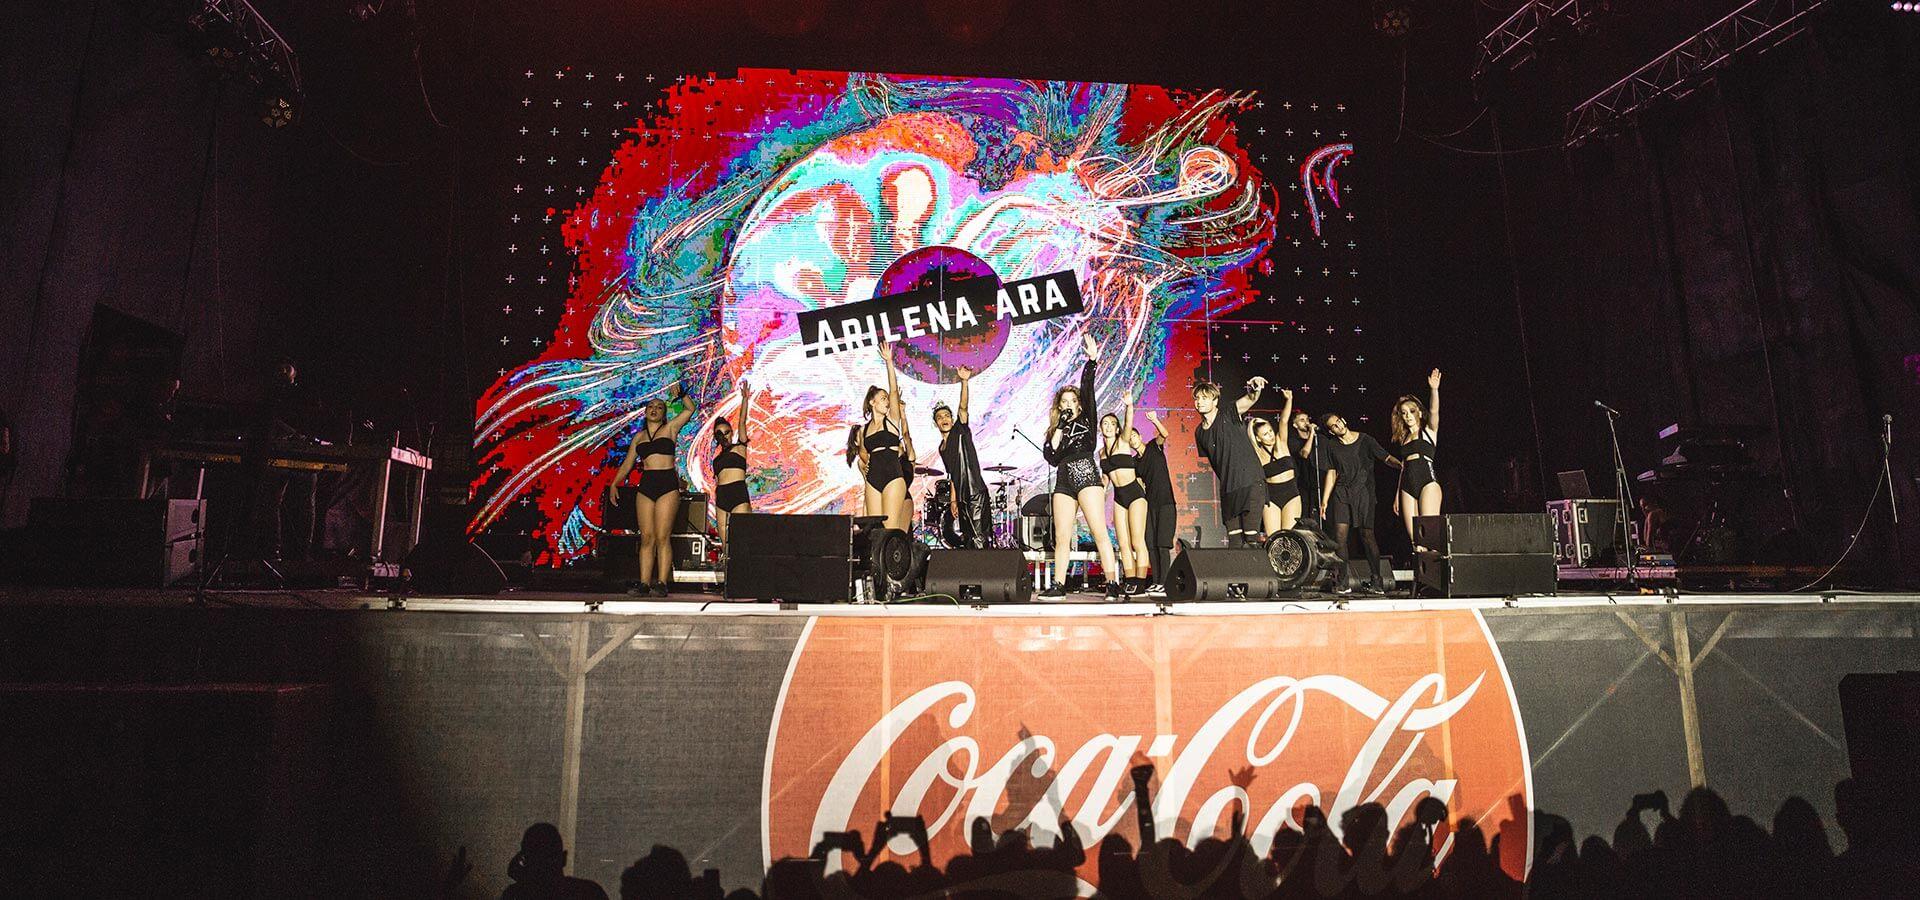 Arilena Ara ne Coca-Cola Summer Fest 2018